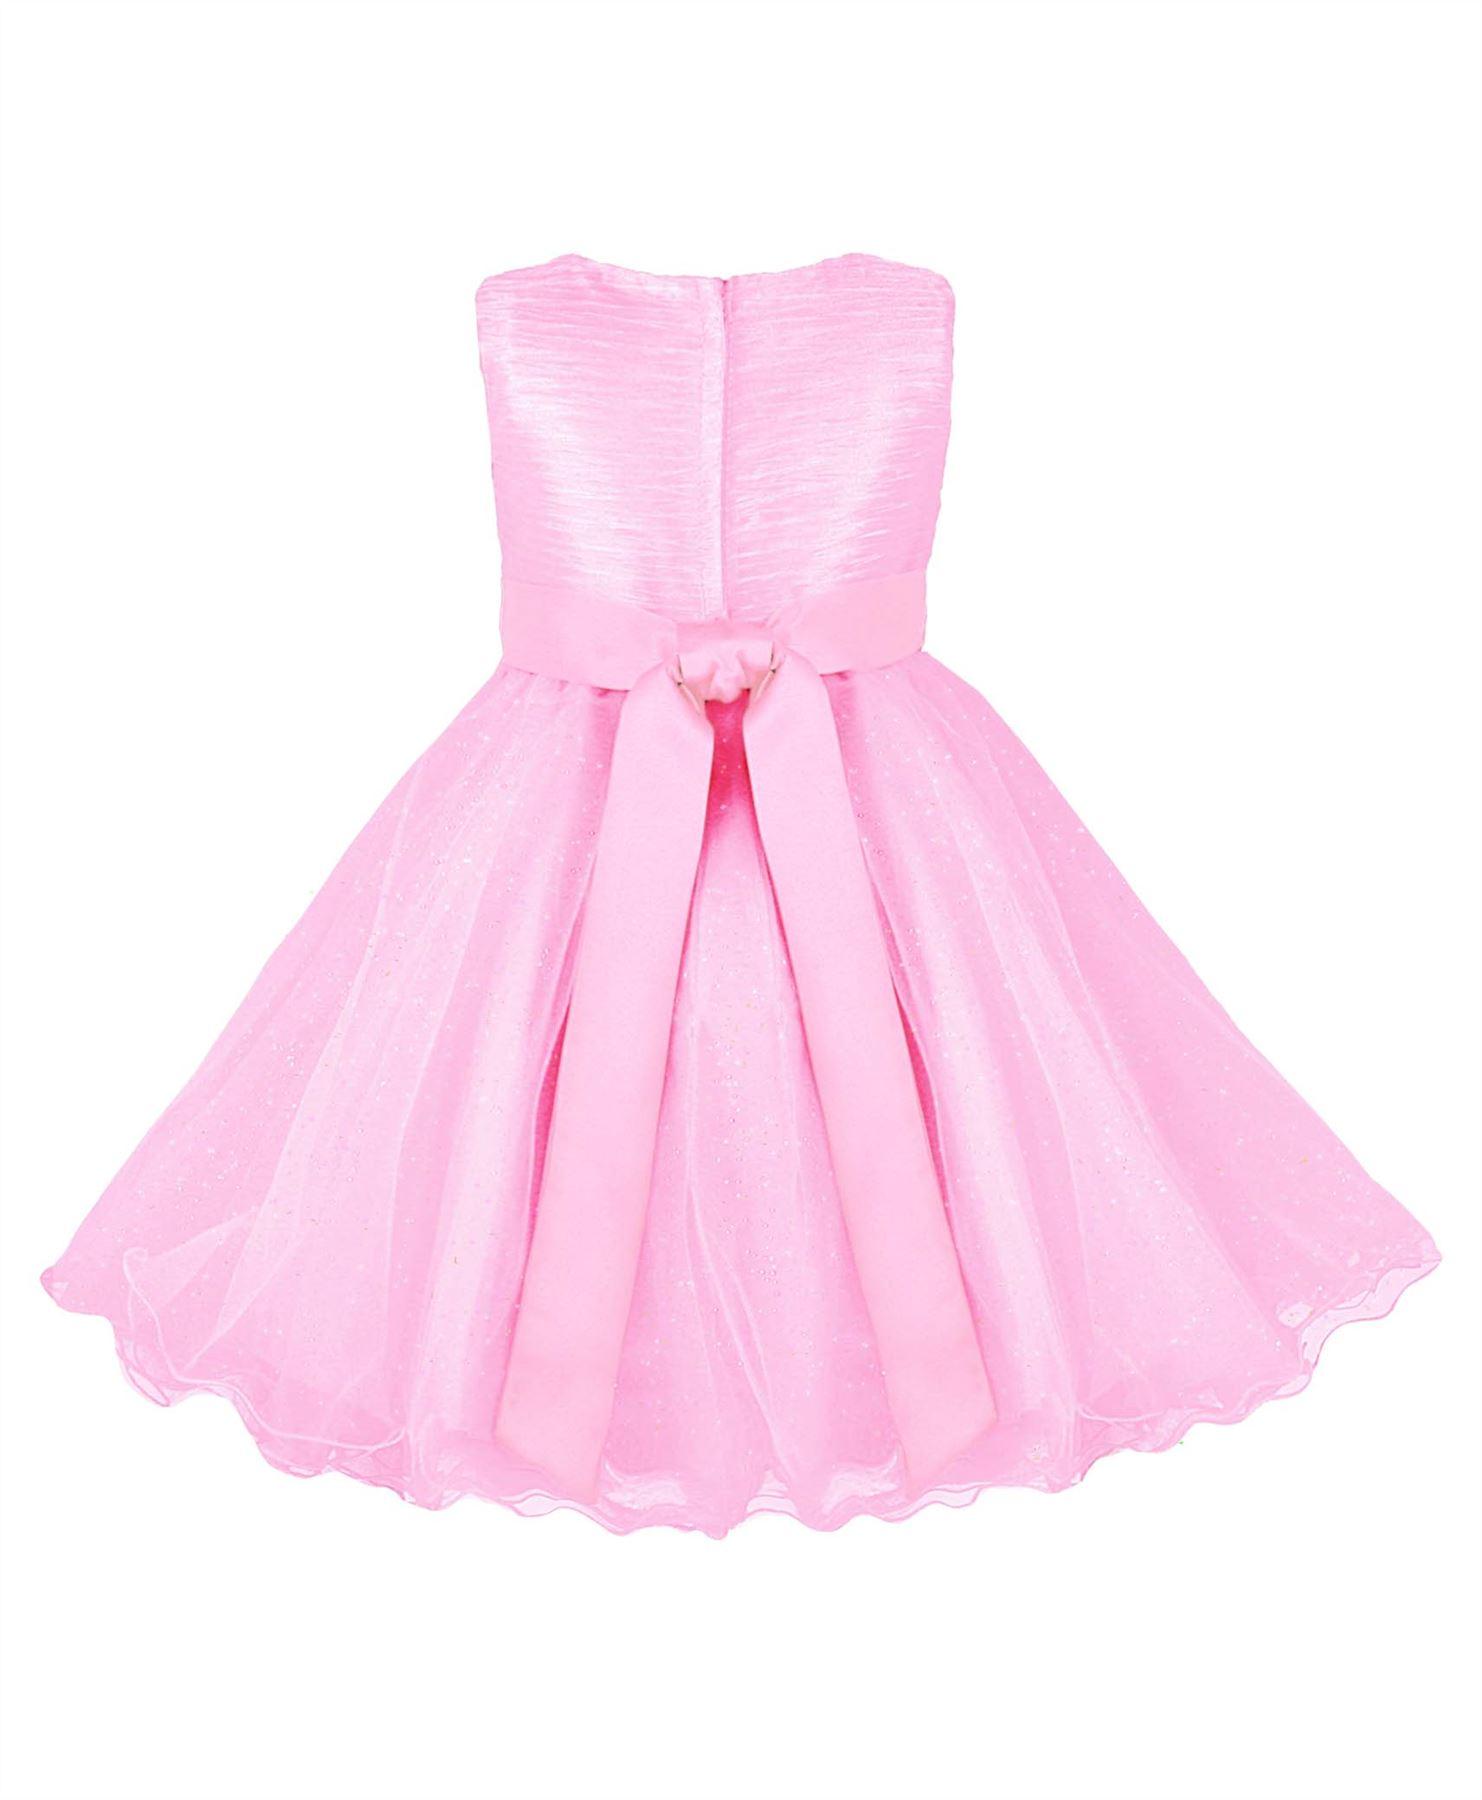 Vestidos de fiesta comprar ebay – Catálogo de fotos de vestidos ...